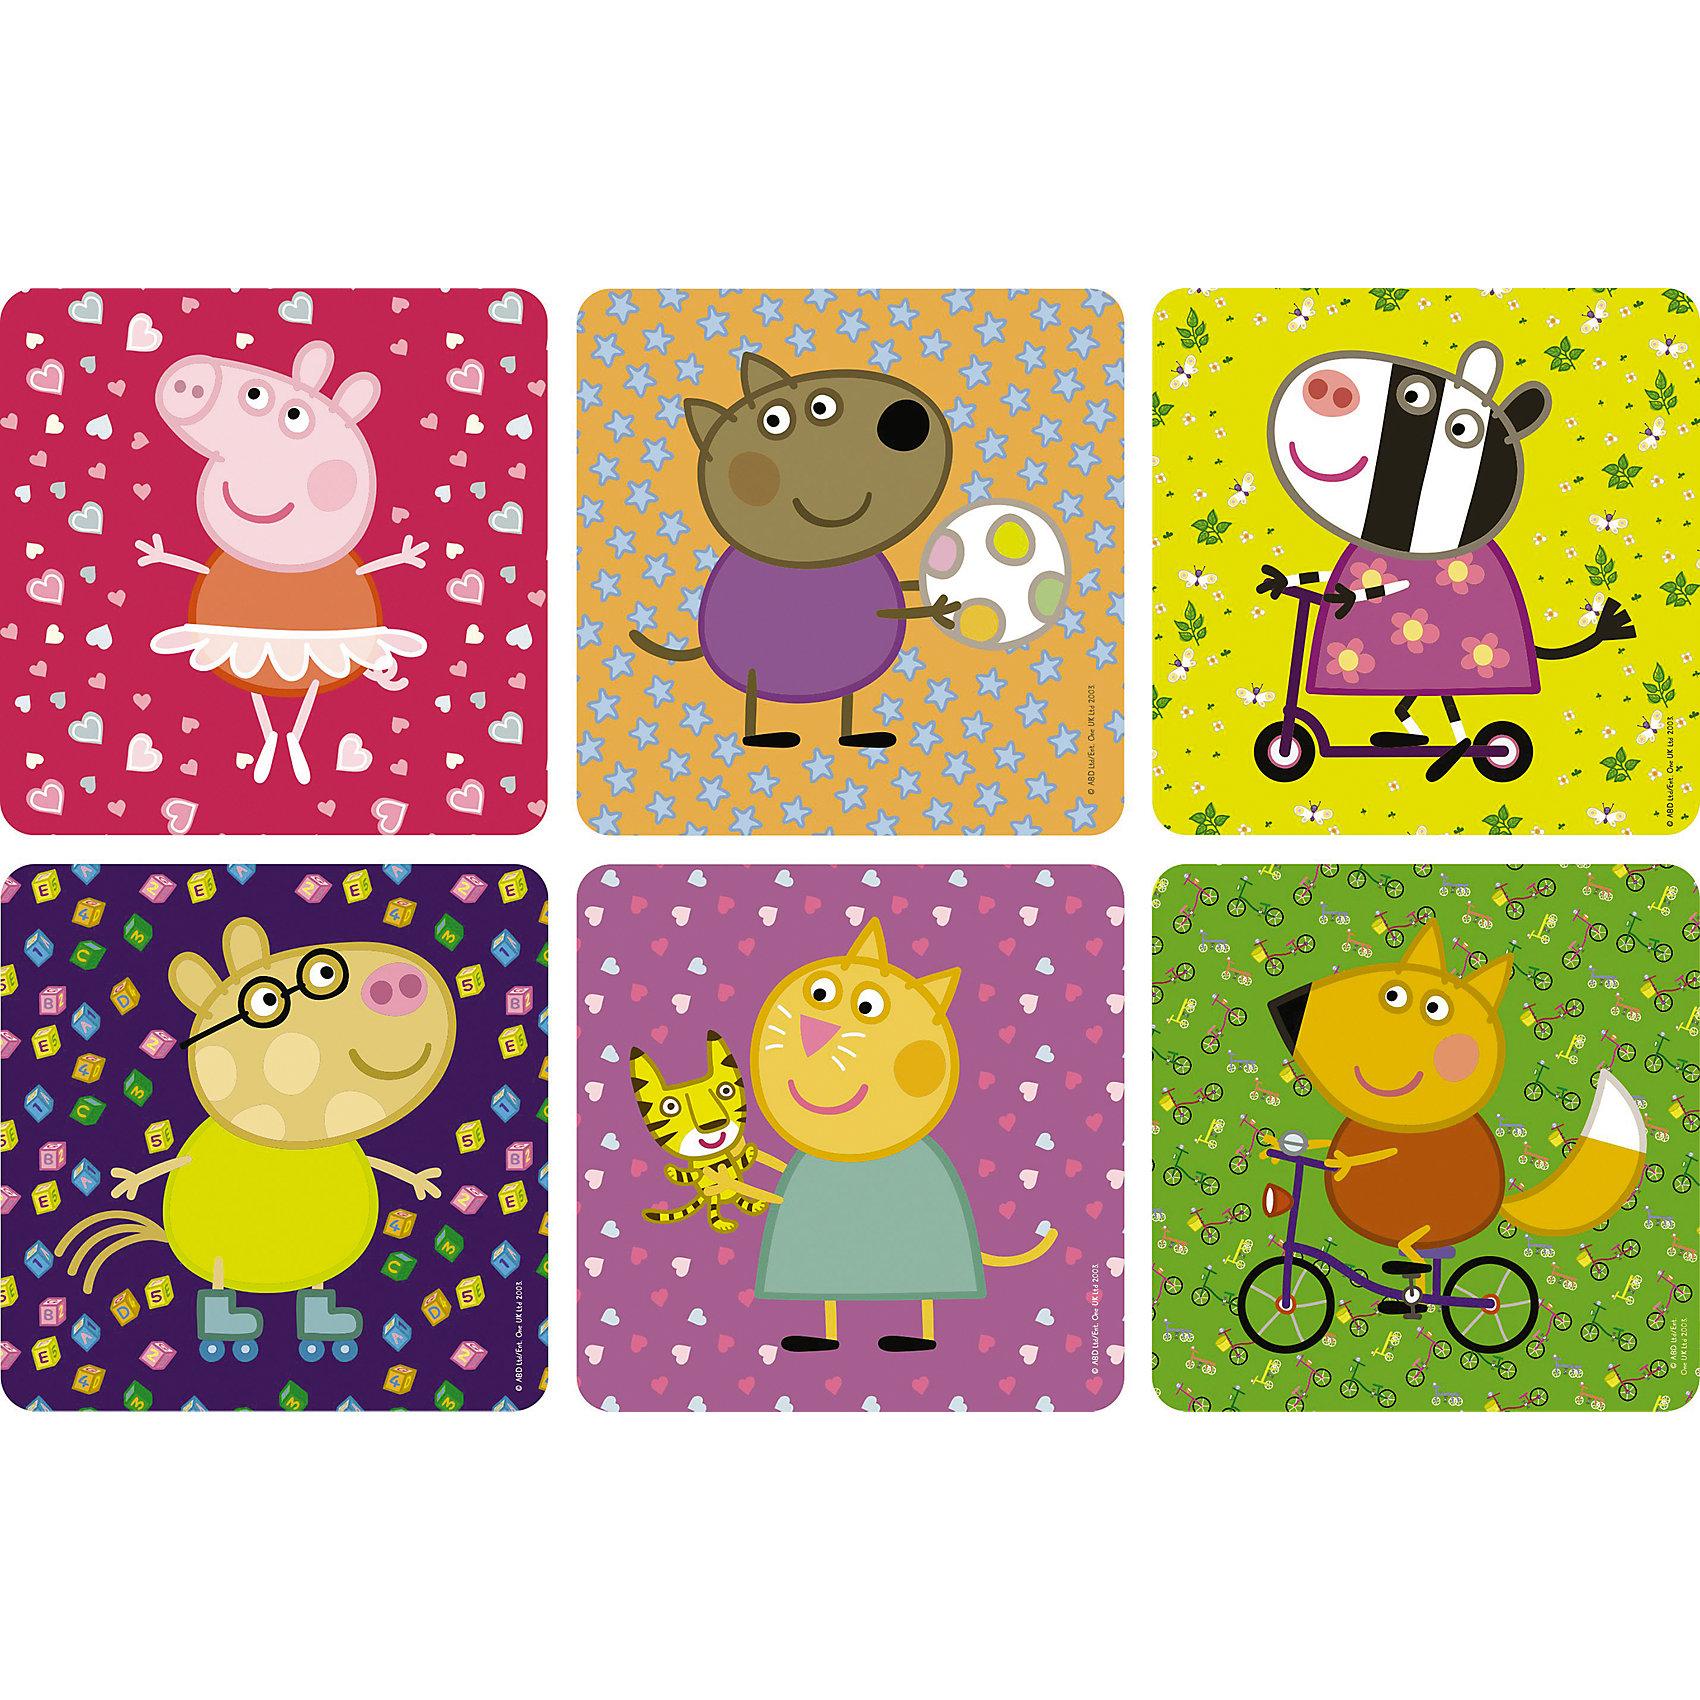 Пазл 6 в 1, Свинка ПеппаПазлы для малышей<br>Пазл 6 в 1, Свинка Пеппа - это шесть увлекательных пазлов, созданные для детей, которые любят с интересом и пользой проводить время.<br>Яркие и красочные пазлы сделаны по мотивам мультсериала о приключениях симпатичной маленькой свинки Пеппы. С помощью входящих в набор деталей ваш ребенок сможет шесть красочных картинок с изображением свинки Пеппы и ее друзей. Детали прекрасно соединяются между собой, не расслаиваются и не ломаются при сборке. Эта головоломка позволит ребенку развить мелкую моторику рук, терпение, усидчивость, зрительную память и научит мыслить логически.<br><br>Дополнительная информация:<br><br>- Материал: картон<br>- Размер коробки: 18x5x18 мм.<br>- Вес: 178 гр.<br><br>Пазл 6 в 1, Свинка Пеппа можно купить в нашем интернет-магазине.<br><br>Ширина мм: 180<br>Глубина мм: 50<br>Высота мм: 180<br>Вес г: 178<br>Возраст от месяцев: 36<br>Возраст до месяцев: 96<br>Пол: Унисекс<br>Возраст: Детский<br>SKU: 4335007